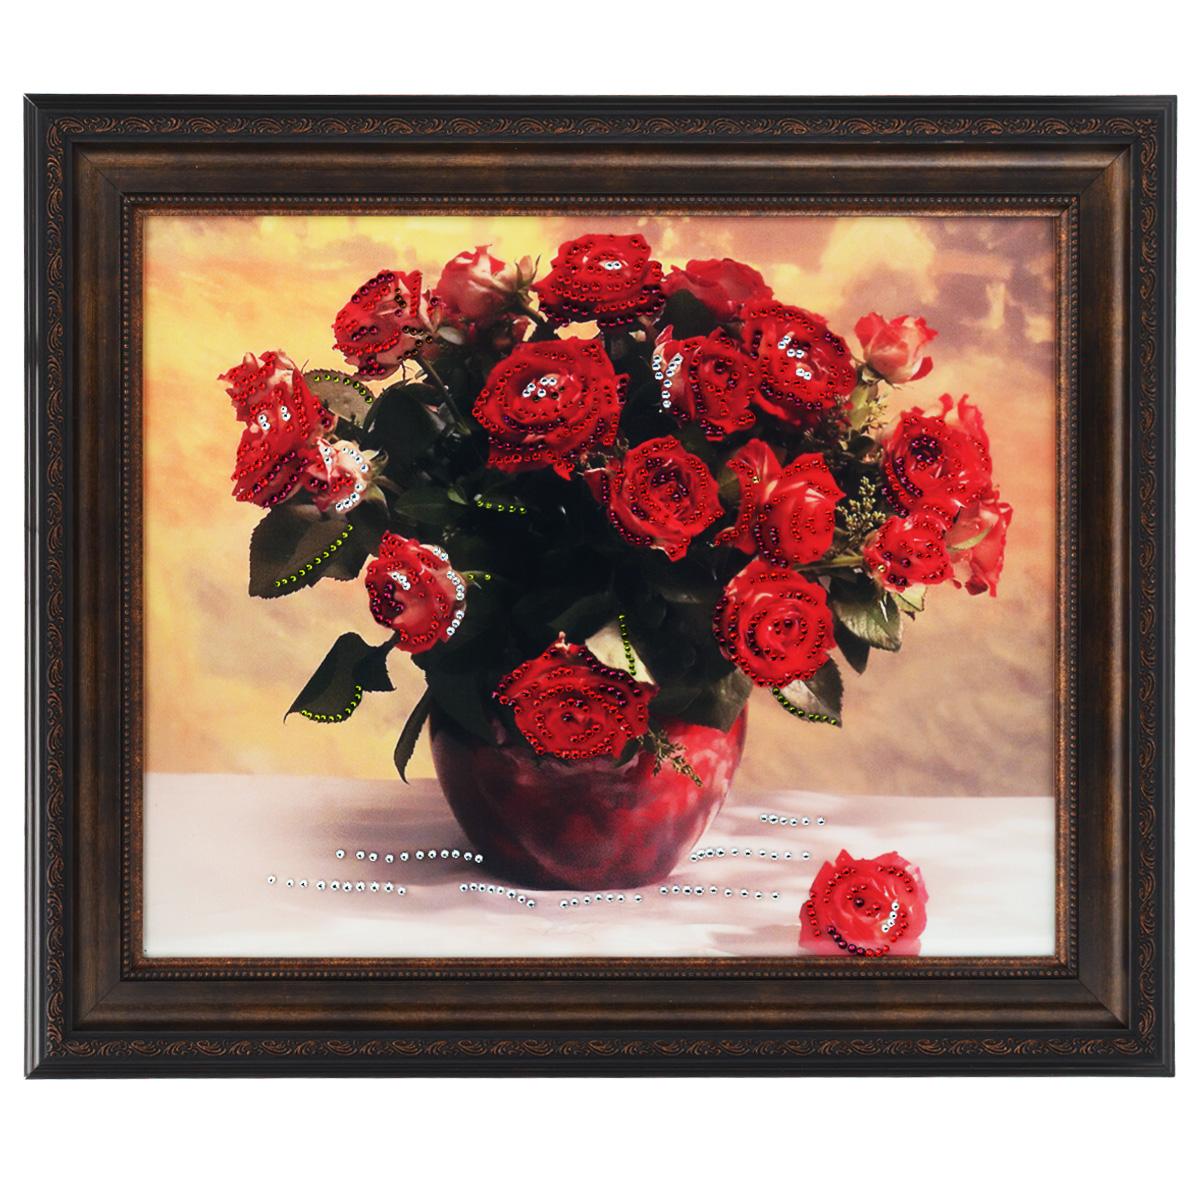 Картина с кристаллами Swarovski Миллион алых роз, 61 х 51 см1412Изящная картина в багетной раме, инкрустирована кристаллами Swarovski, которые отличаются четкой и ровной огранкой, ярким блеском и чистотой цвета. Красочное изображение букета роз в вазе, расположенное под стеклом, прекрасно дополняет блеск кристаллов. С обратной стороны имеется металлическая проволока для размещения картины на стене. Картина с кристаллами Swarovski Миллион алых роз элегантно украсит интерьер дома или офиса, а также станет прекрасным подарком, который обязательно понравится получателю. Блеск кристаллов в интерьере, что может быть сказочнее и удивительнее. Картина упакована в подарочную картонную коробку синего цвета и комплектуется сертификатом соответствия Swarovski.